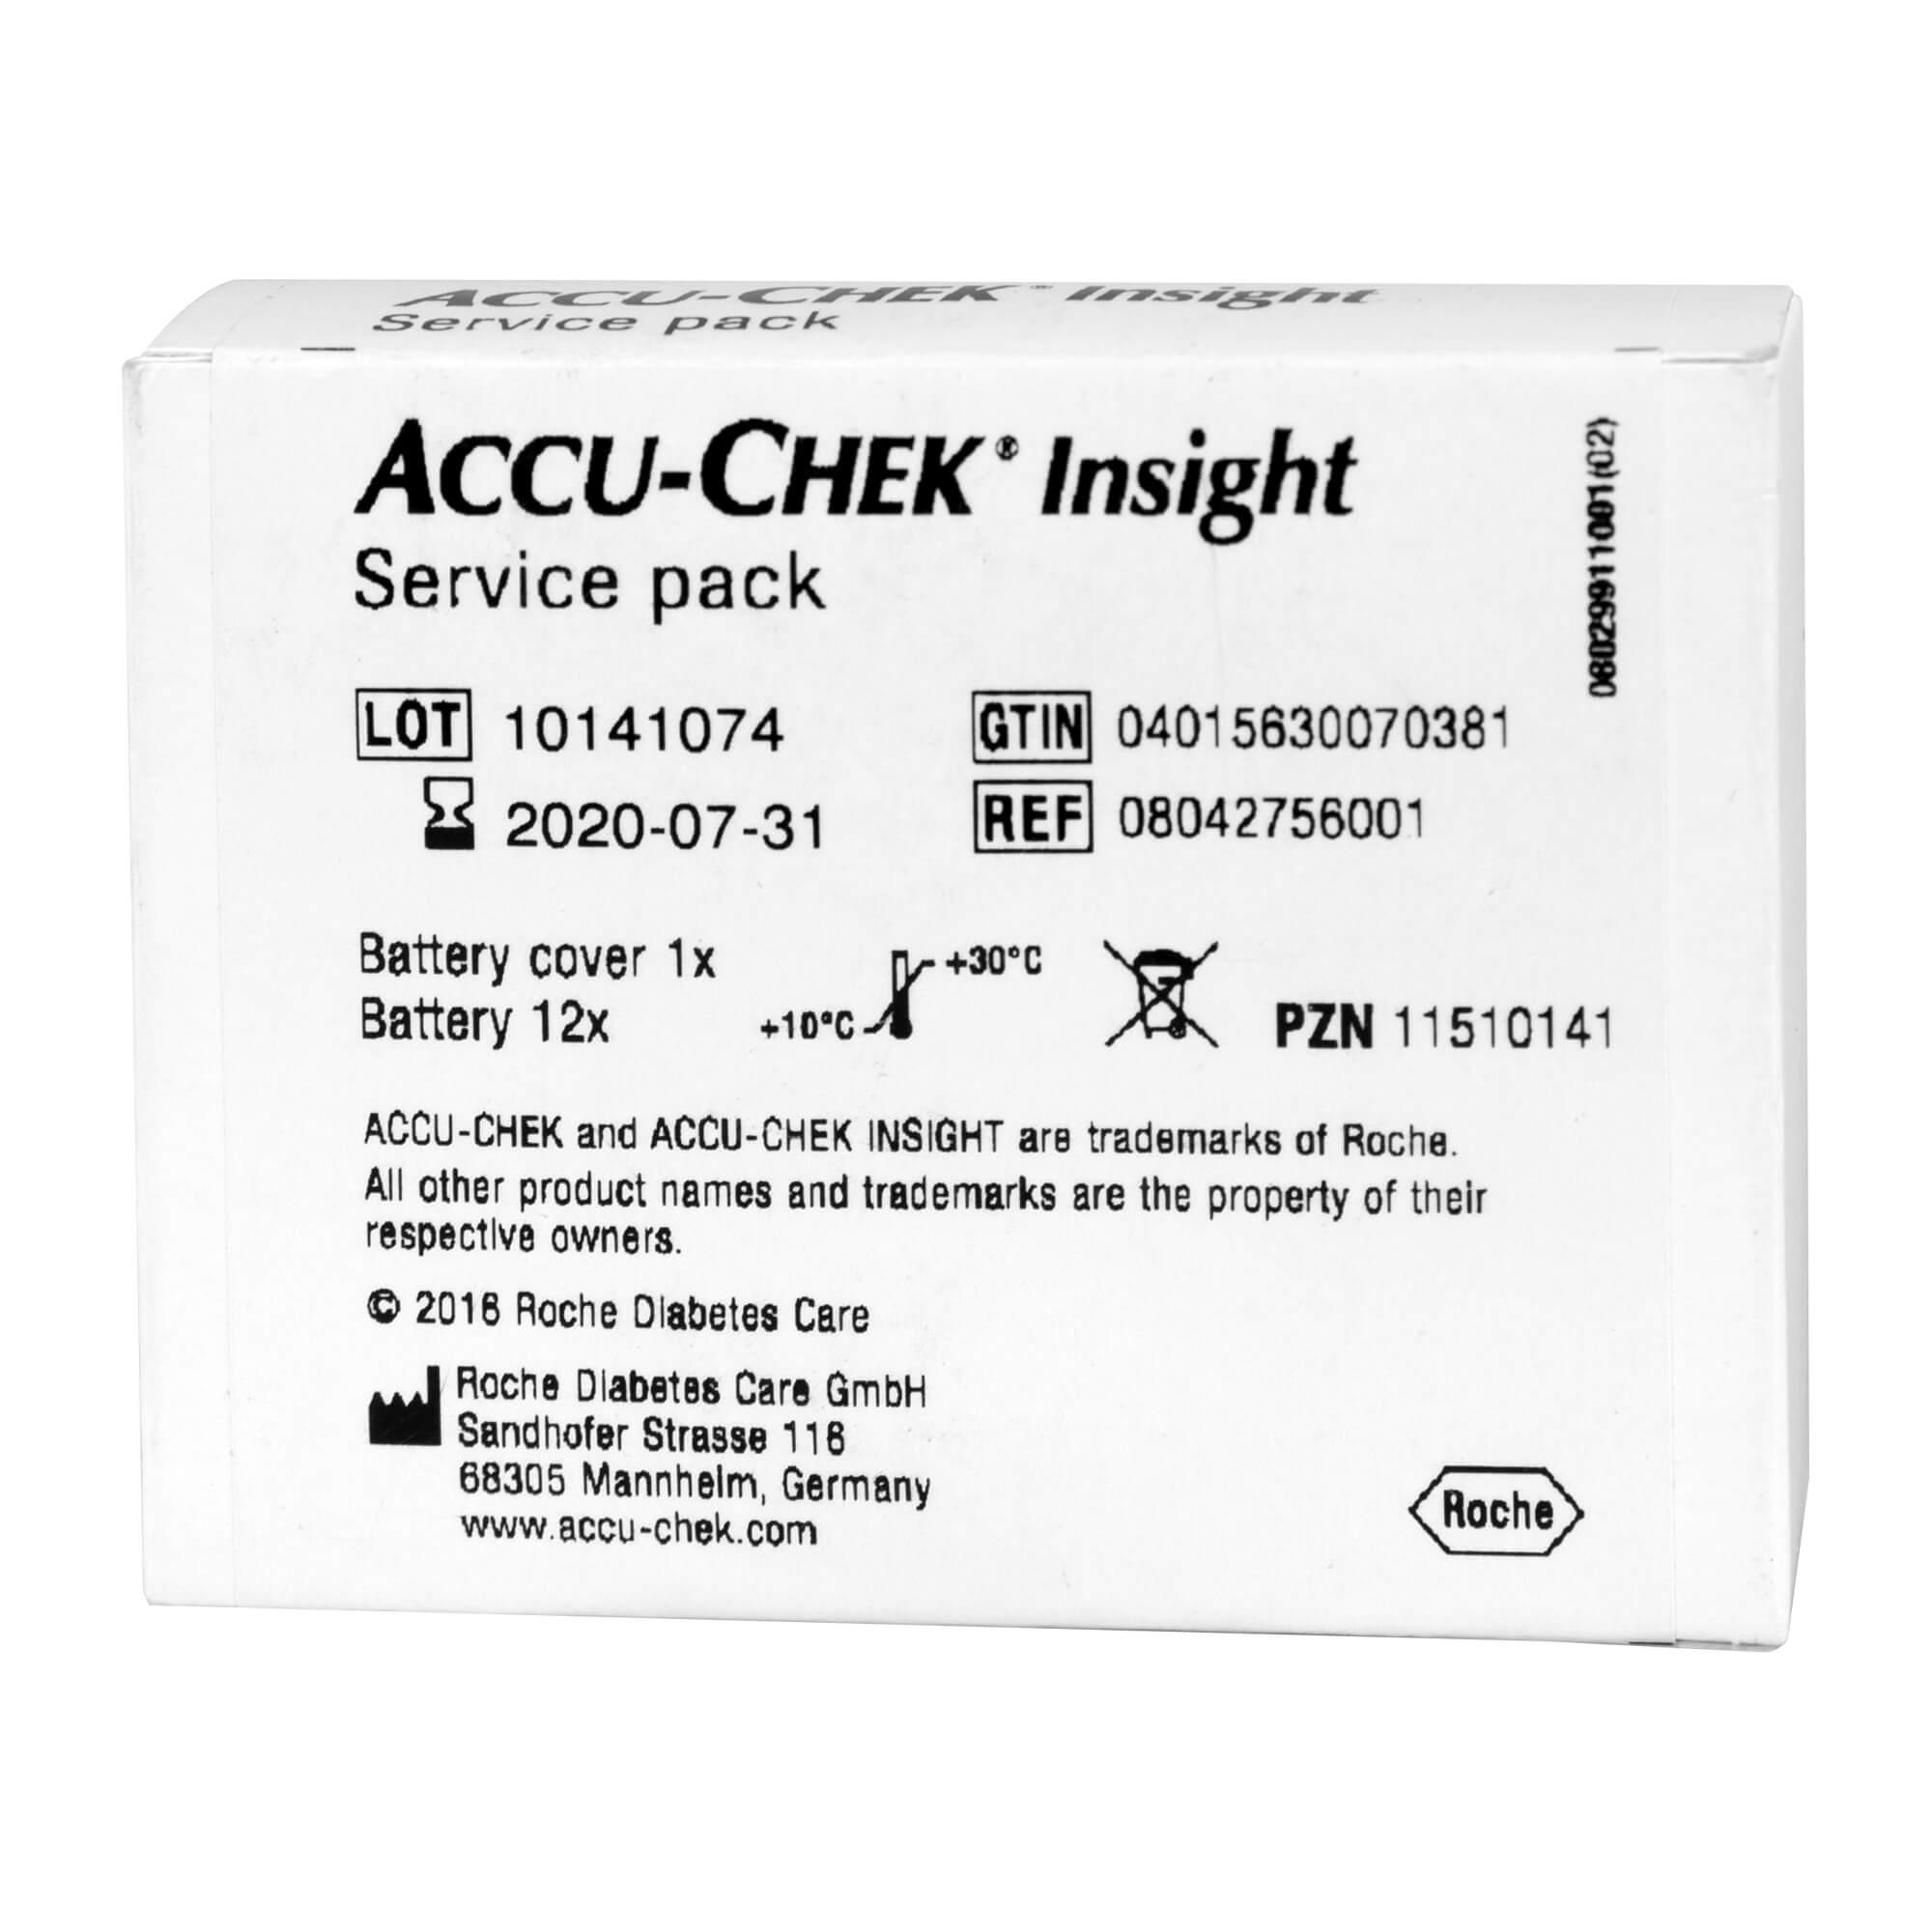 ACCU-CHEK Insight Service Pack Batteriefachabdeckung